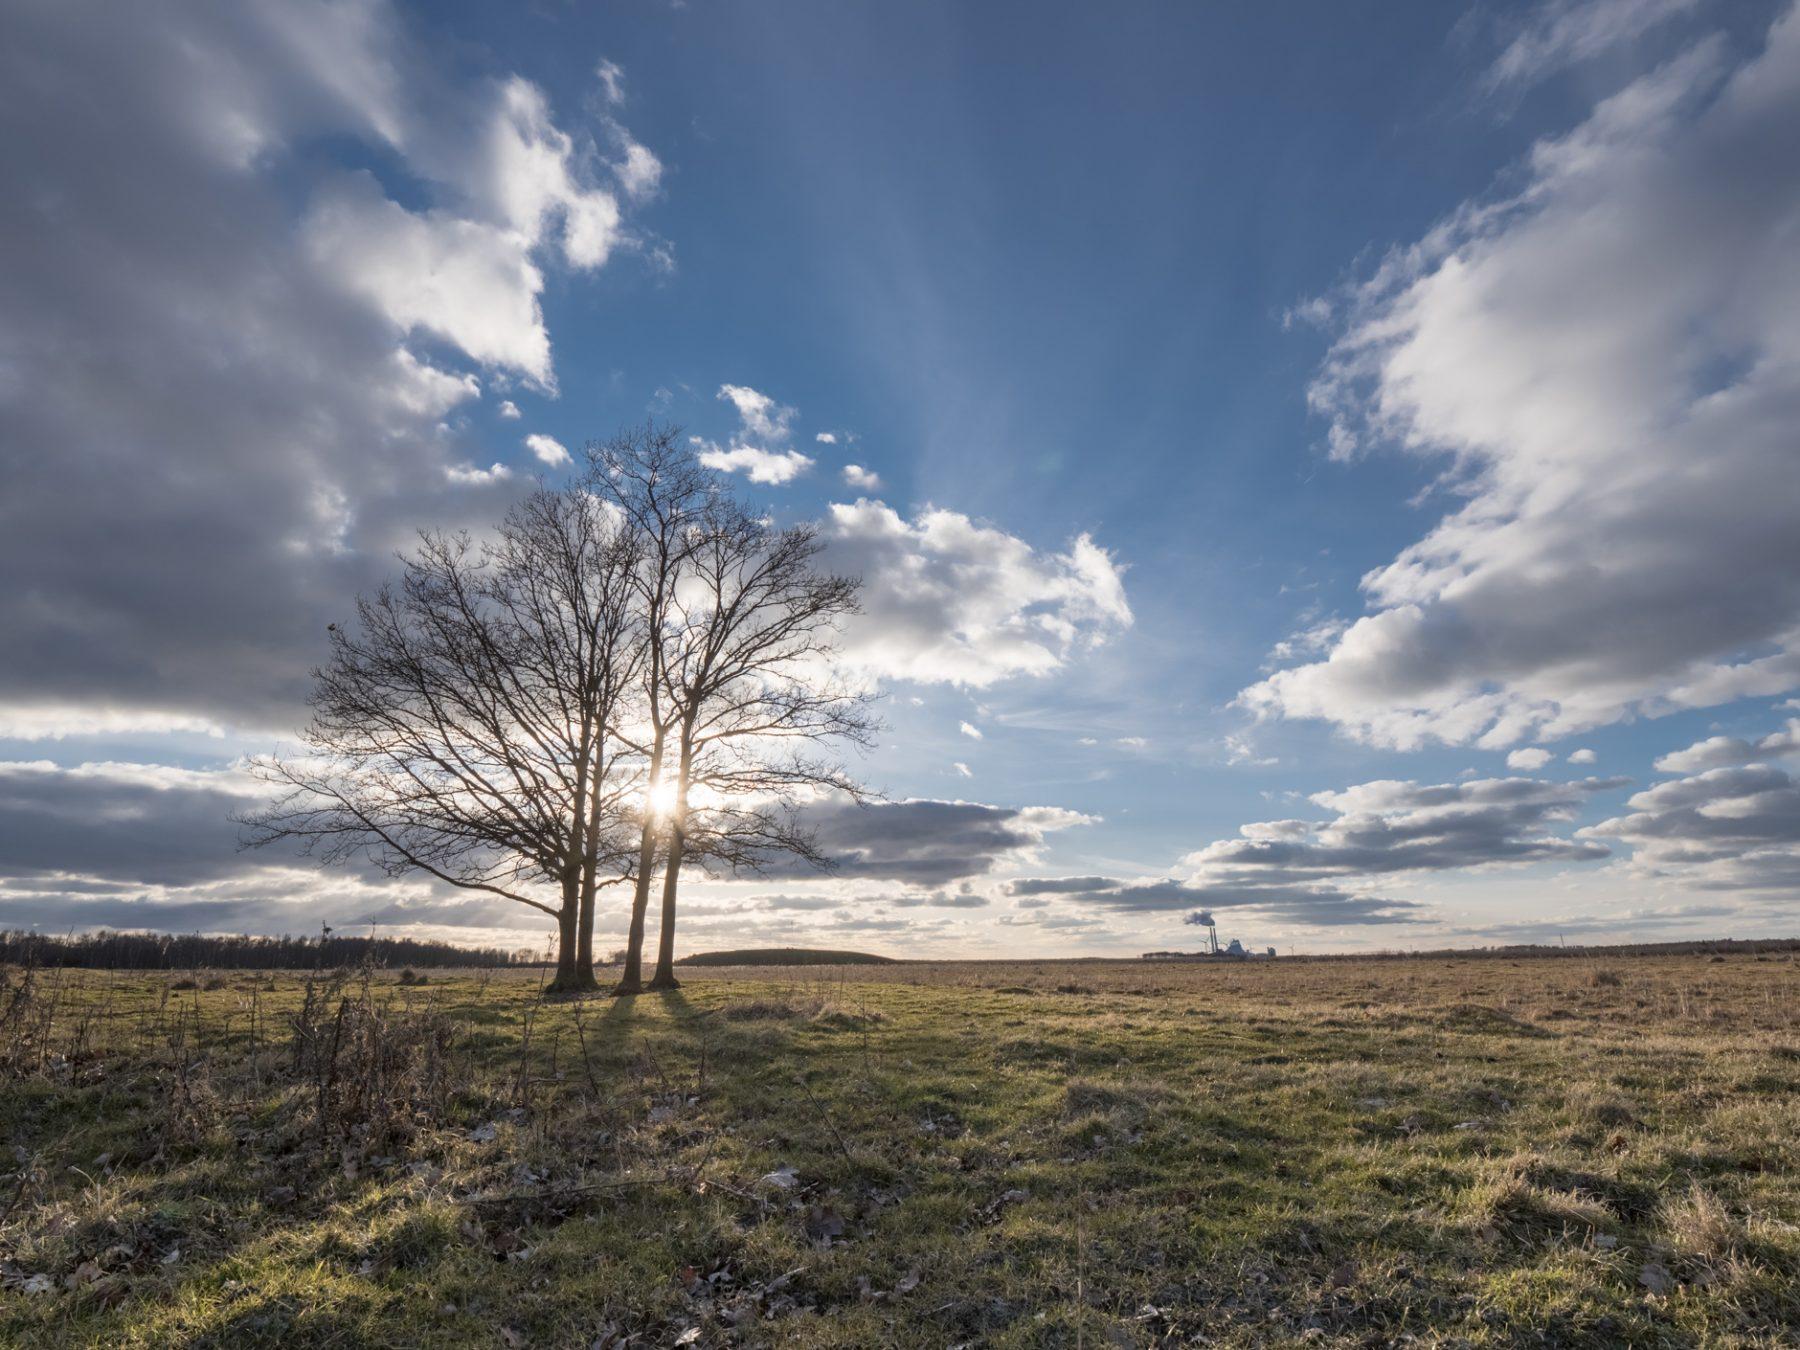 Landskabsfotografering: Kalvebod Fælled om vinteren - træer, sol og blå himmel